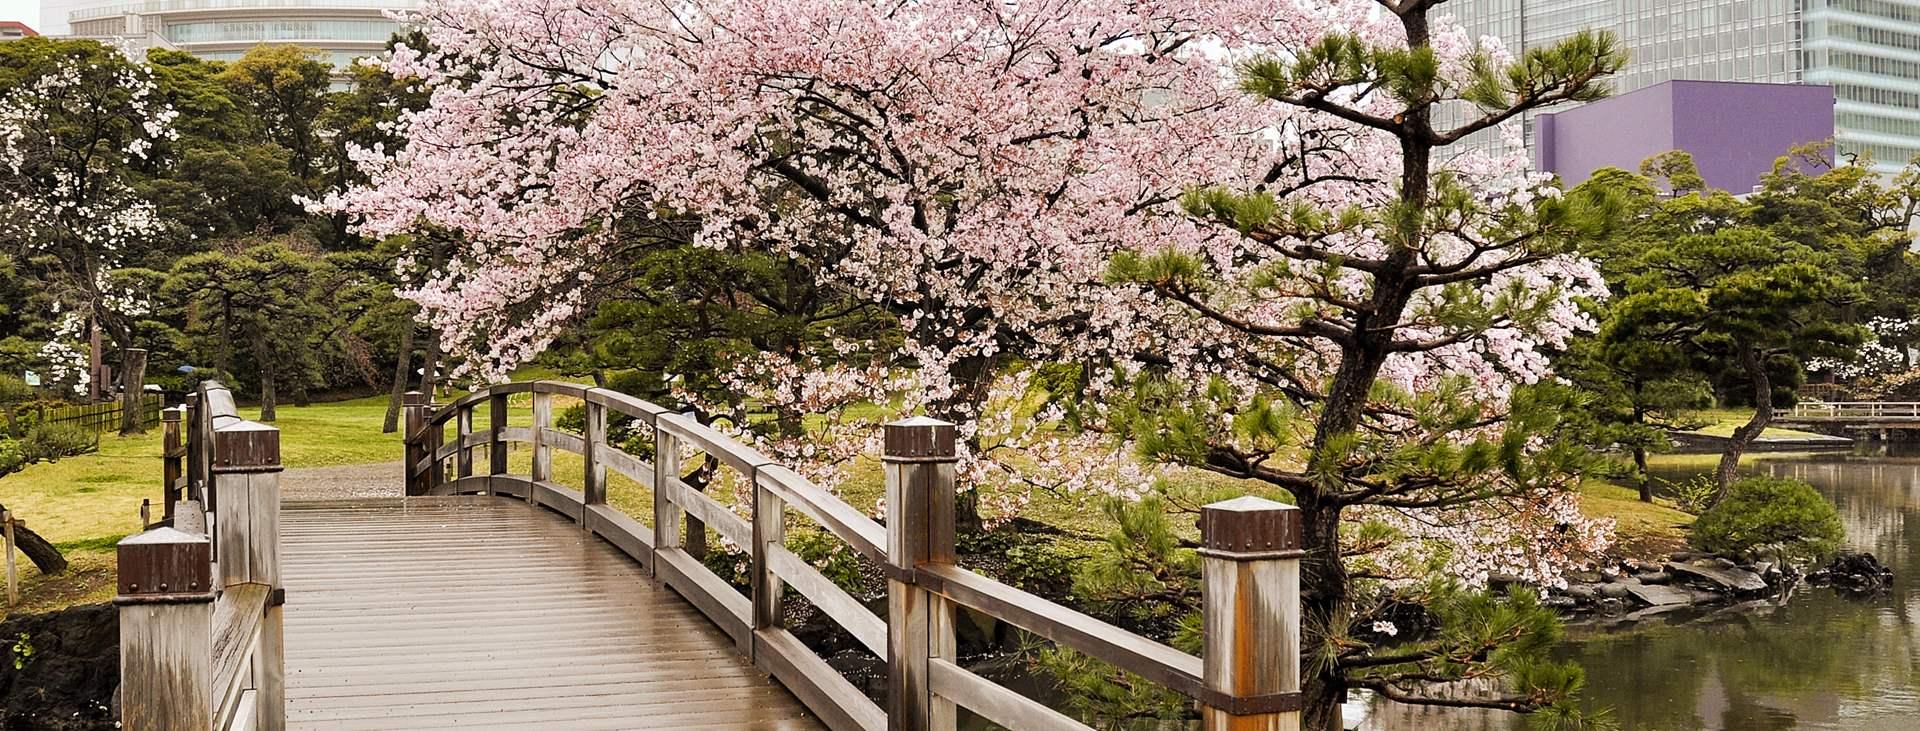 Bestill en reise til Japan med fly og hotell